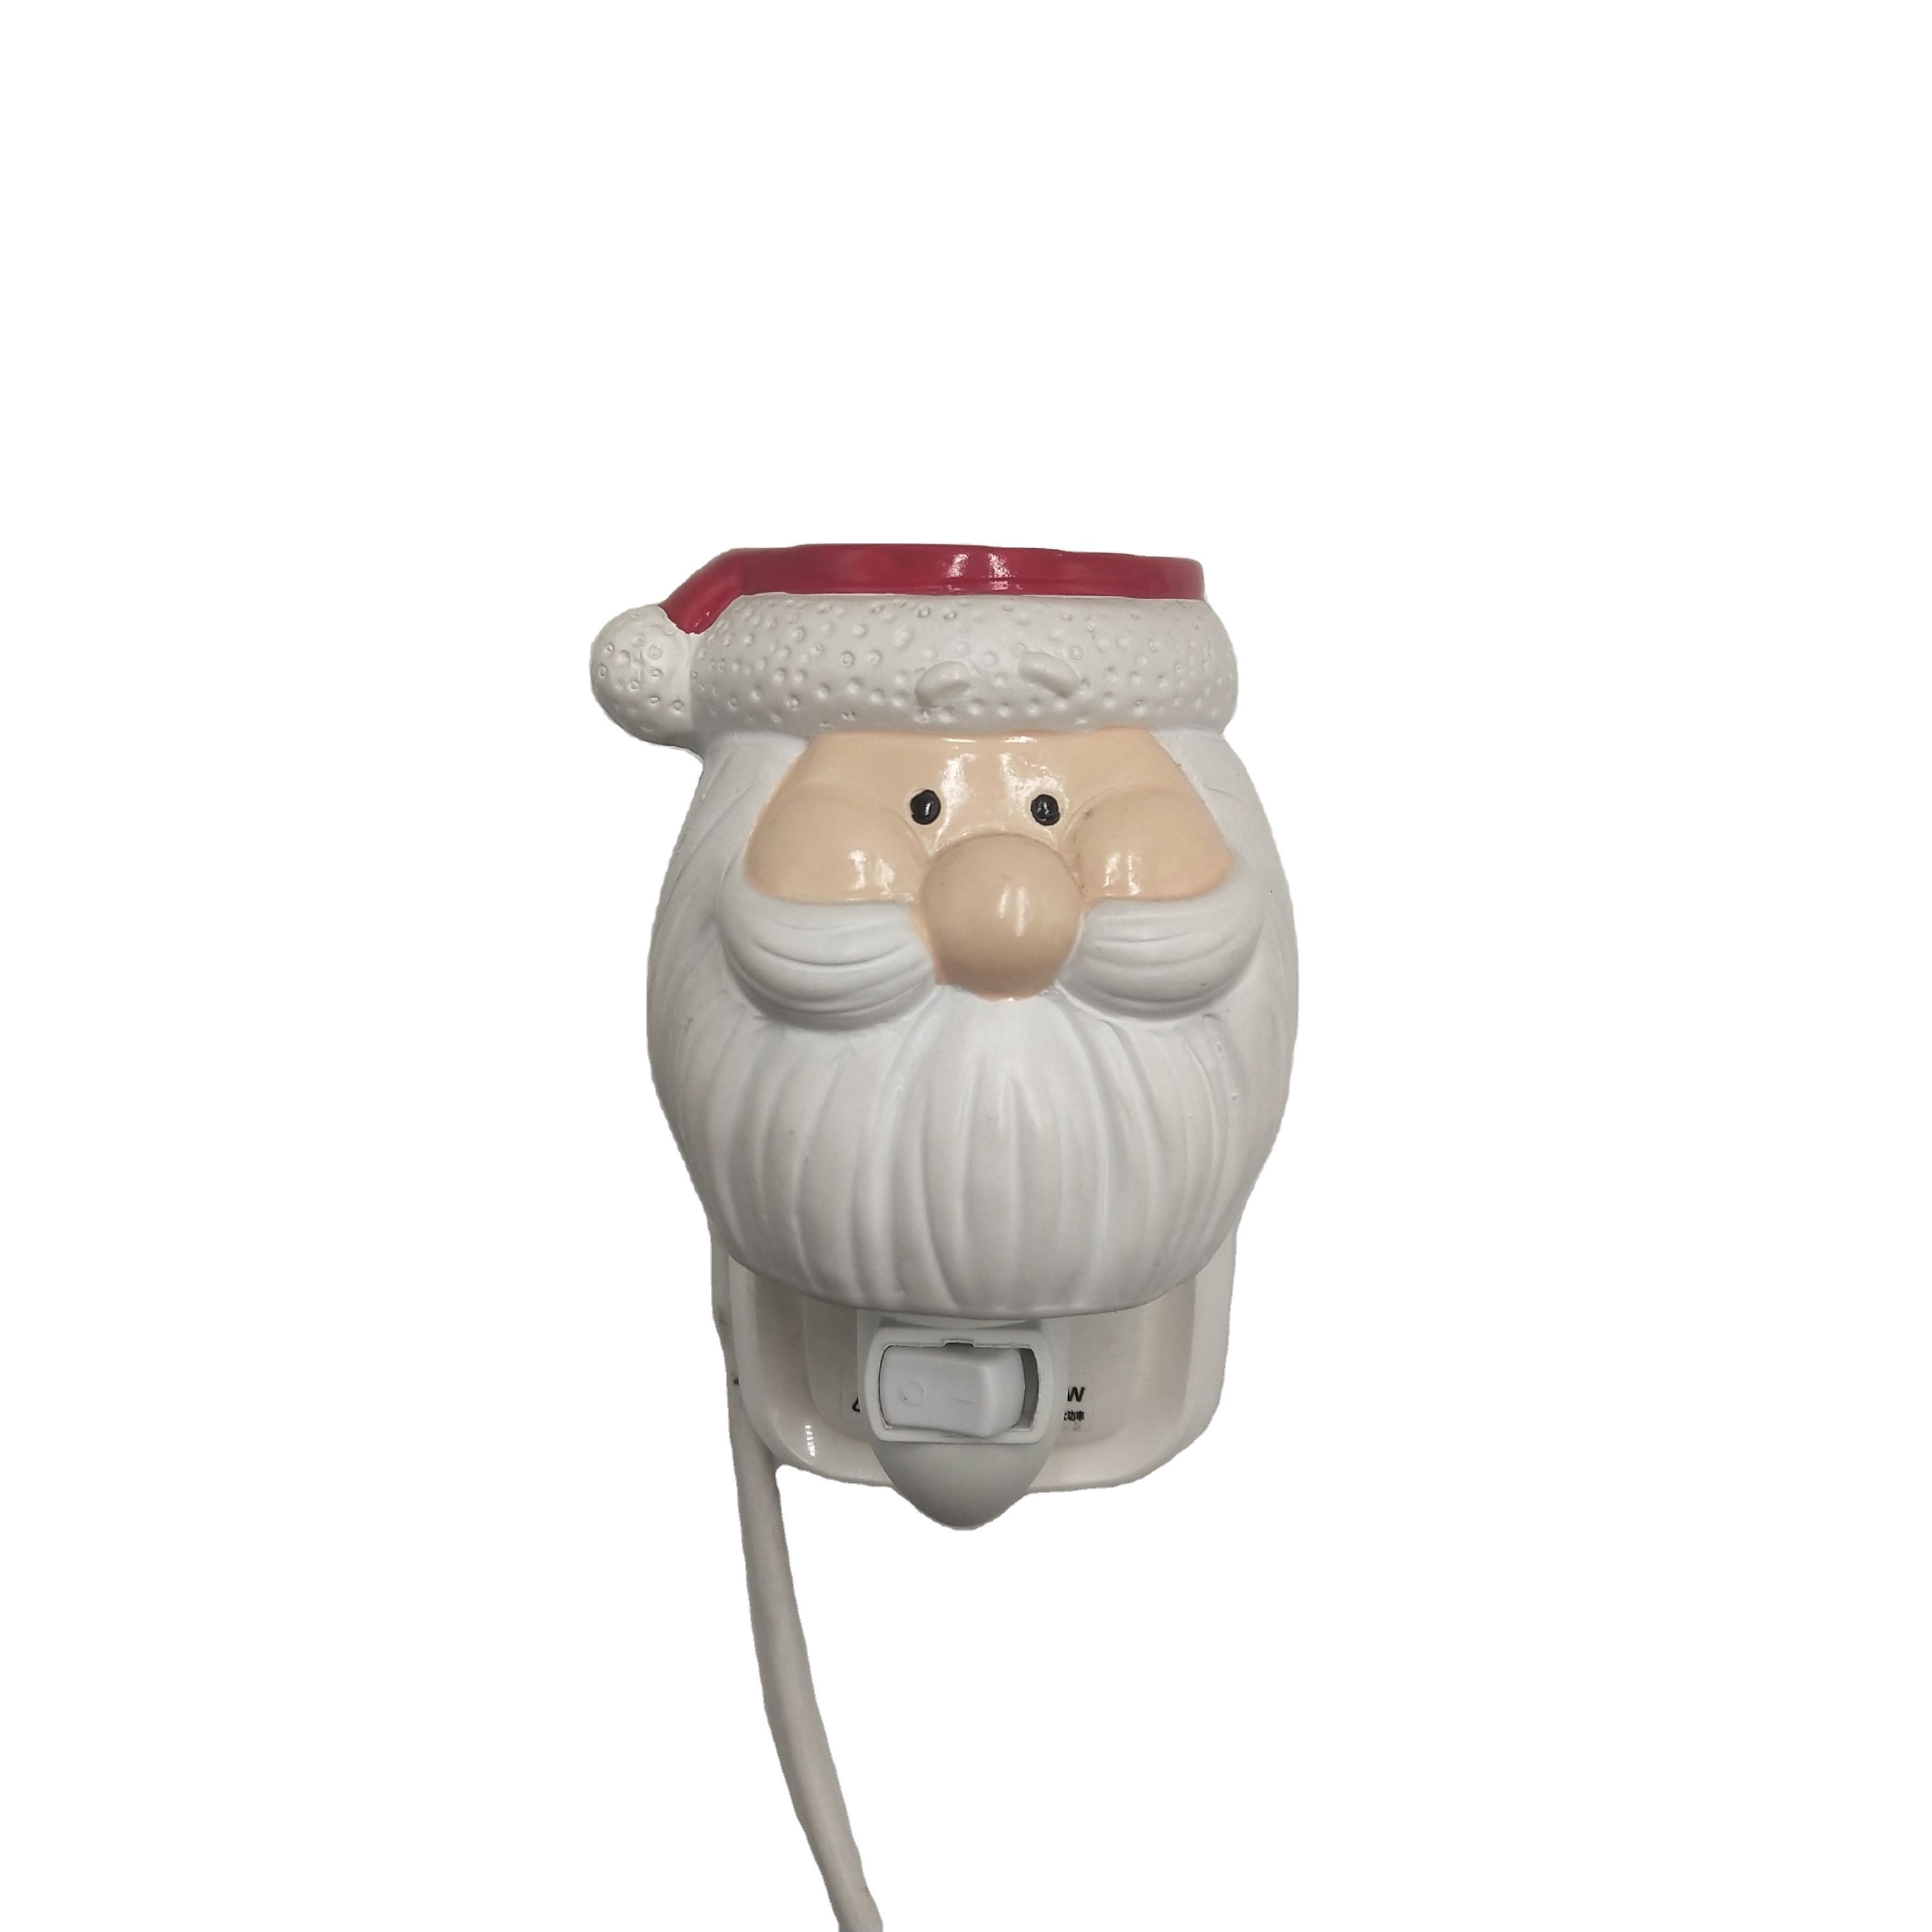 Hot Sale Fragrance Lamp Incense Burner Electric Plug In Oil Warmer